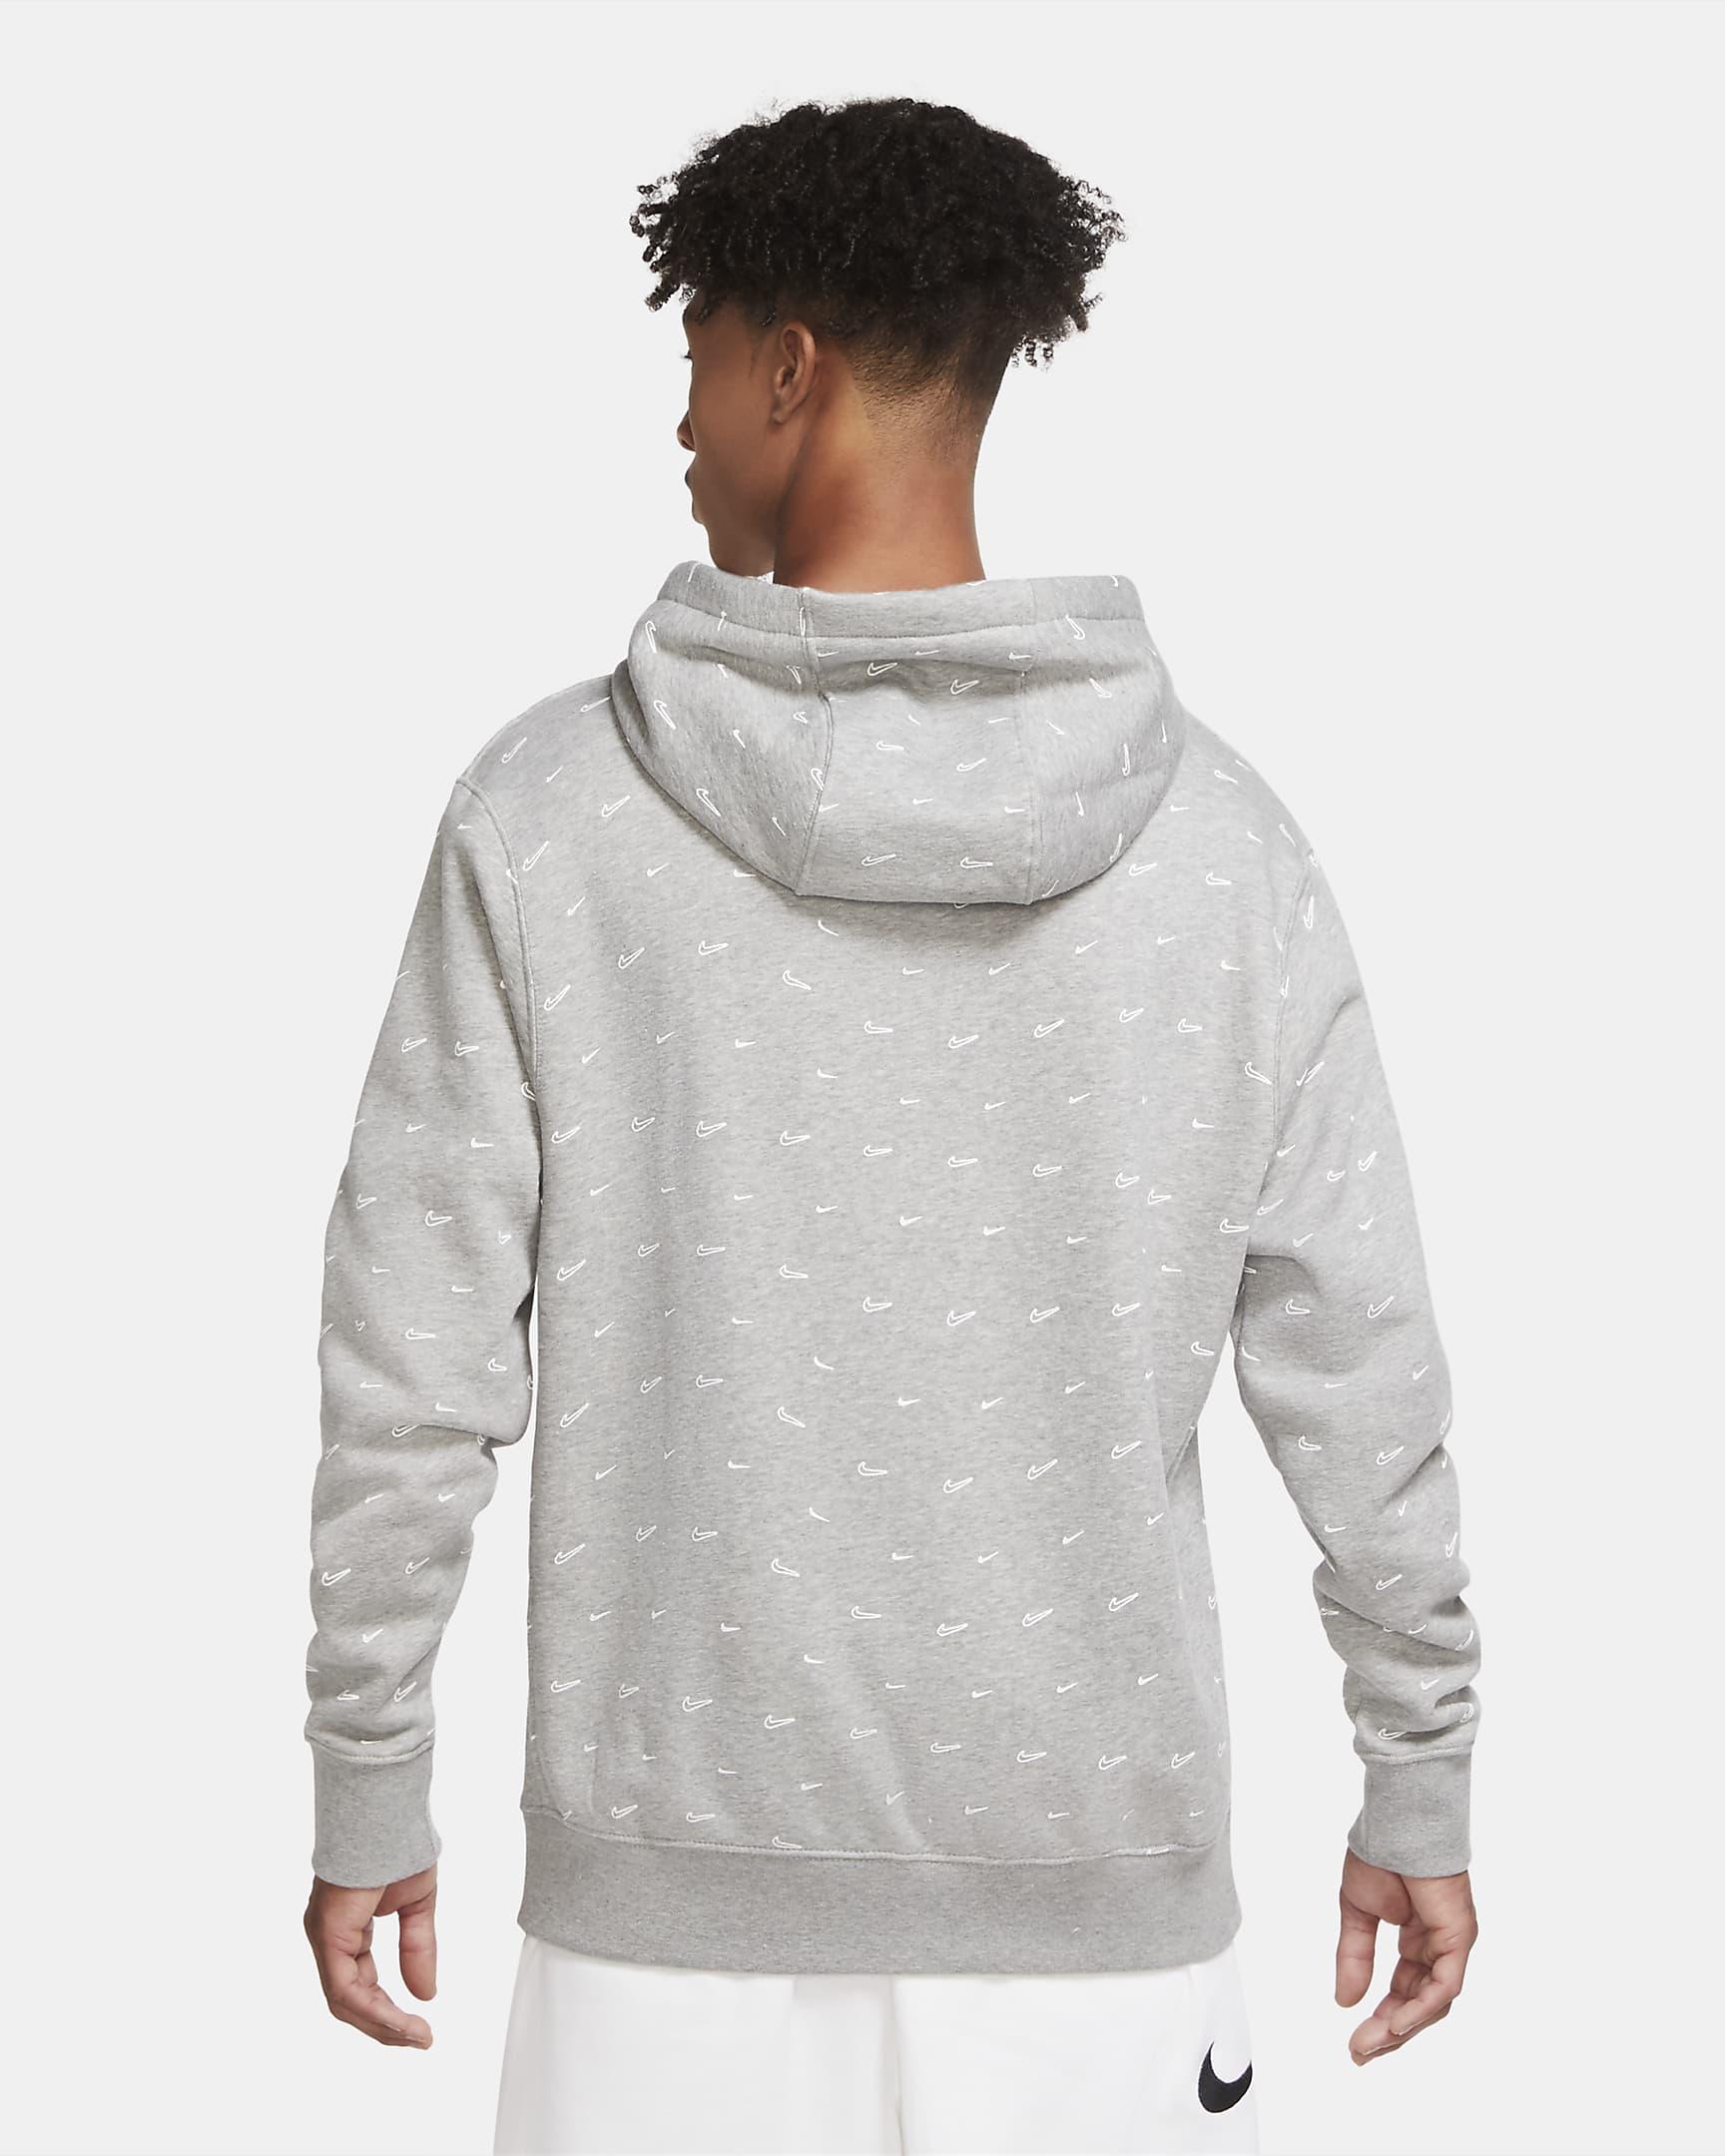 sportswear-club-fleece-mens-printed-pullover-hoodie-m7N3zD-1